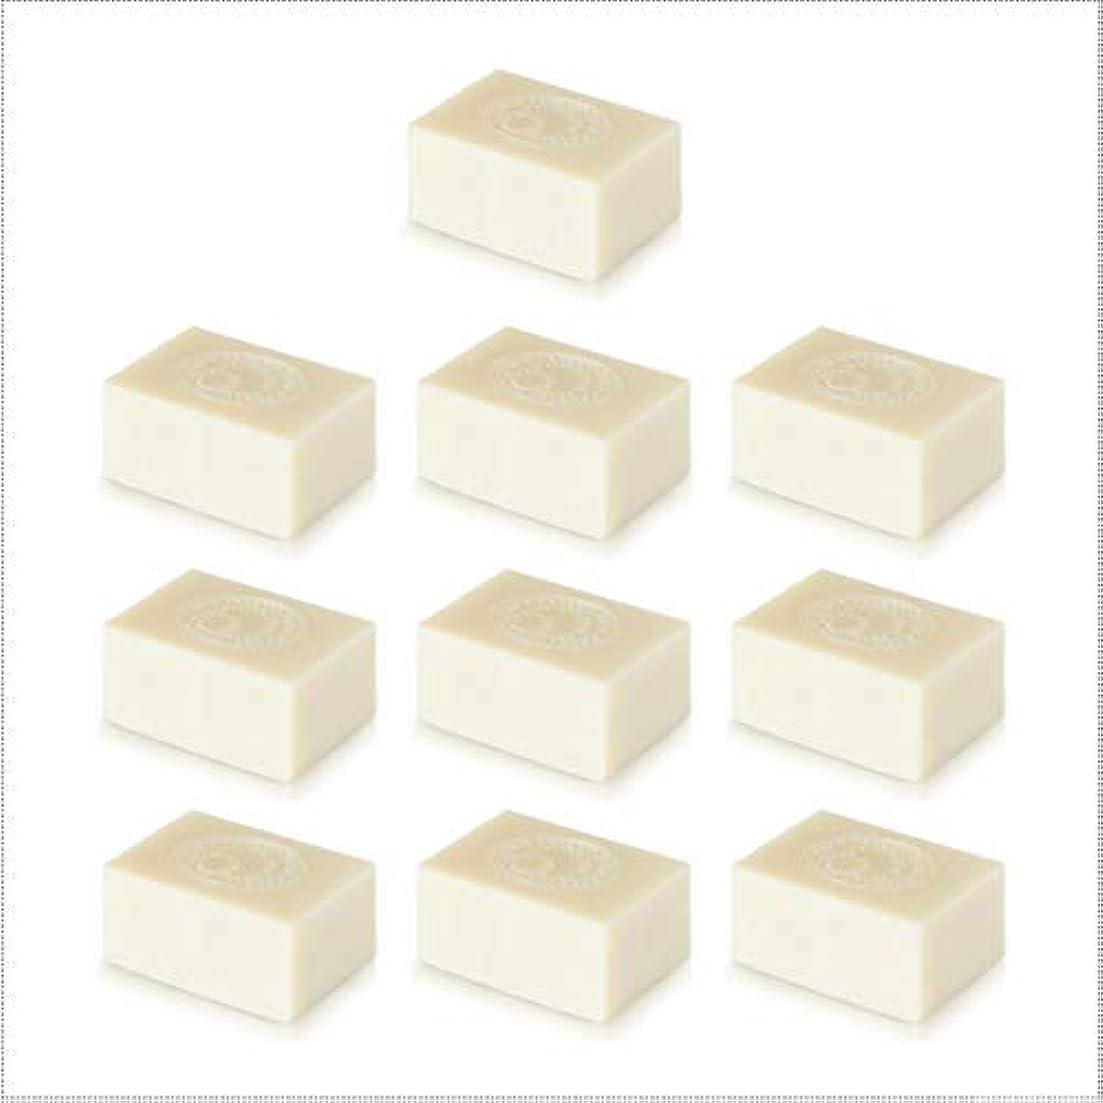 倍率詐欺師可能アルガン石鹸10個セット( 145g ×10個) ナイアードの無添加アルガン石鹸